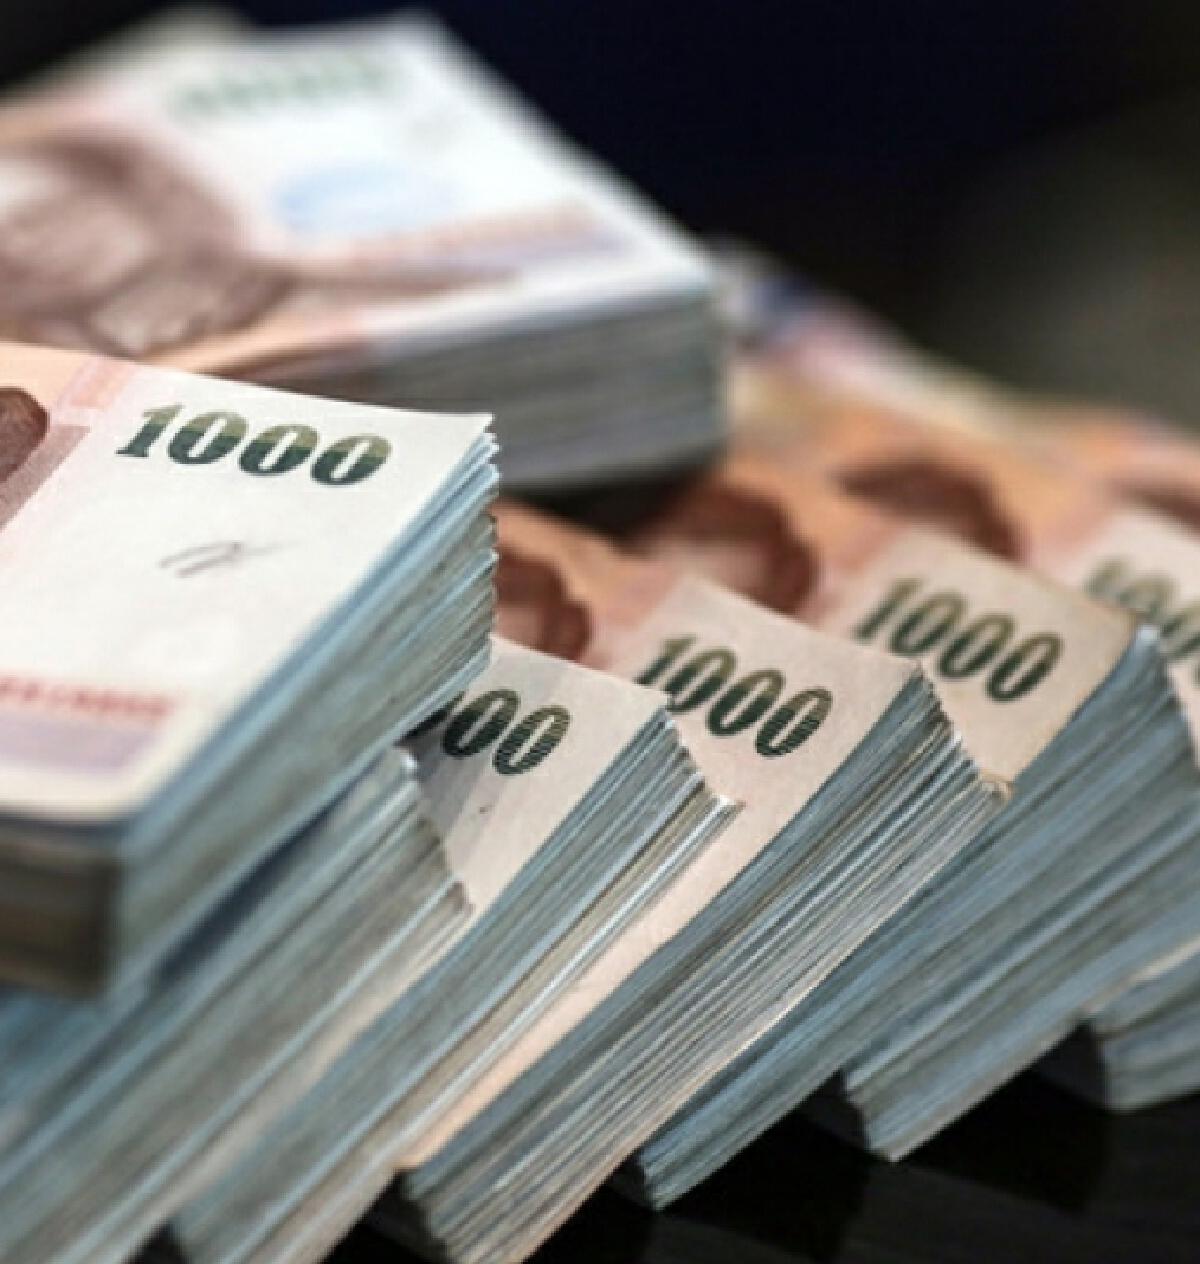 ดวงชะตาเดือนเกิด 4 ดวงเศรษฐีโคจรเข้าหา เงินทองจะไหลมาเทมา